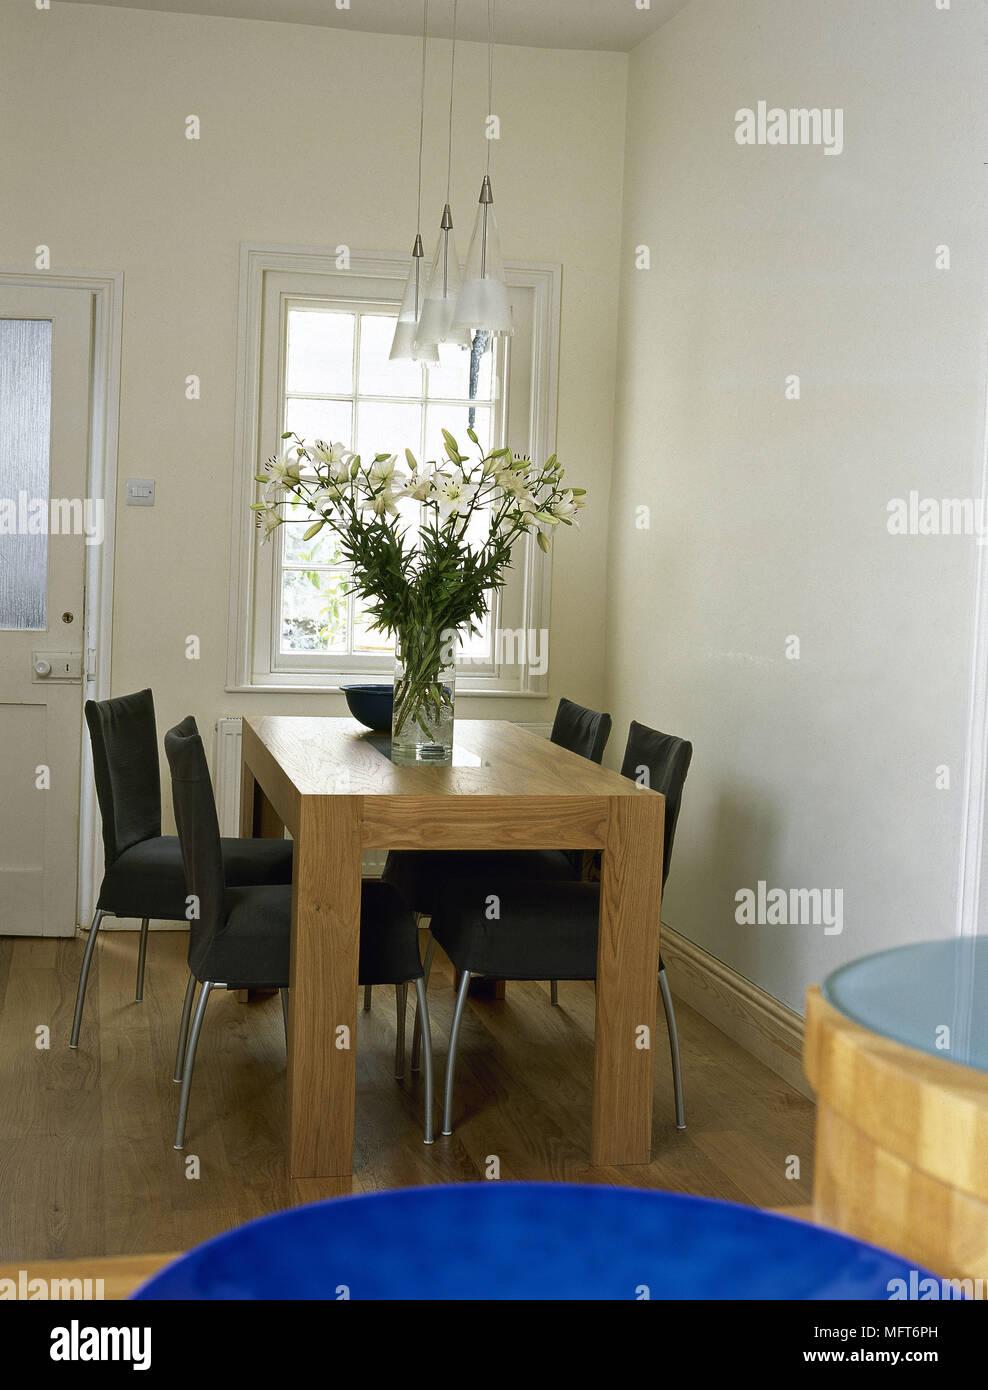 Moderne Kuche Essbereich Holz Tisch Stuhle Interieur Kuchen Zimmer